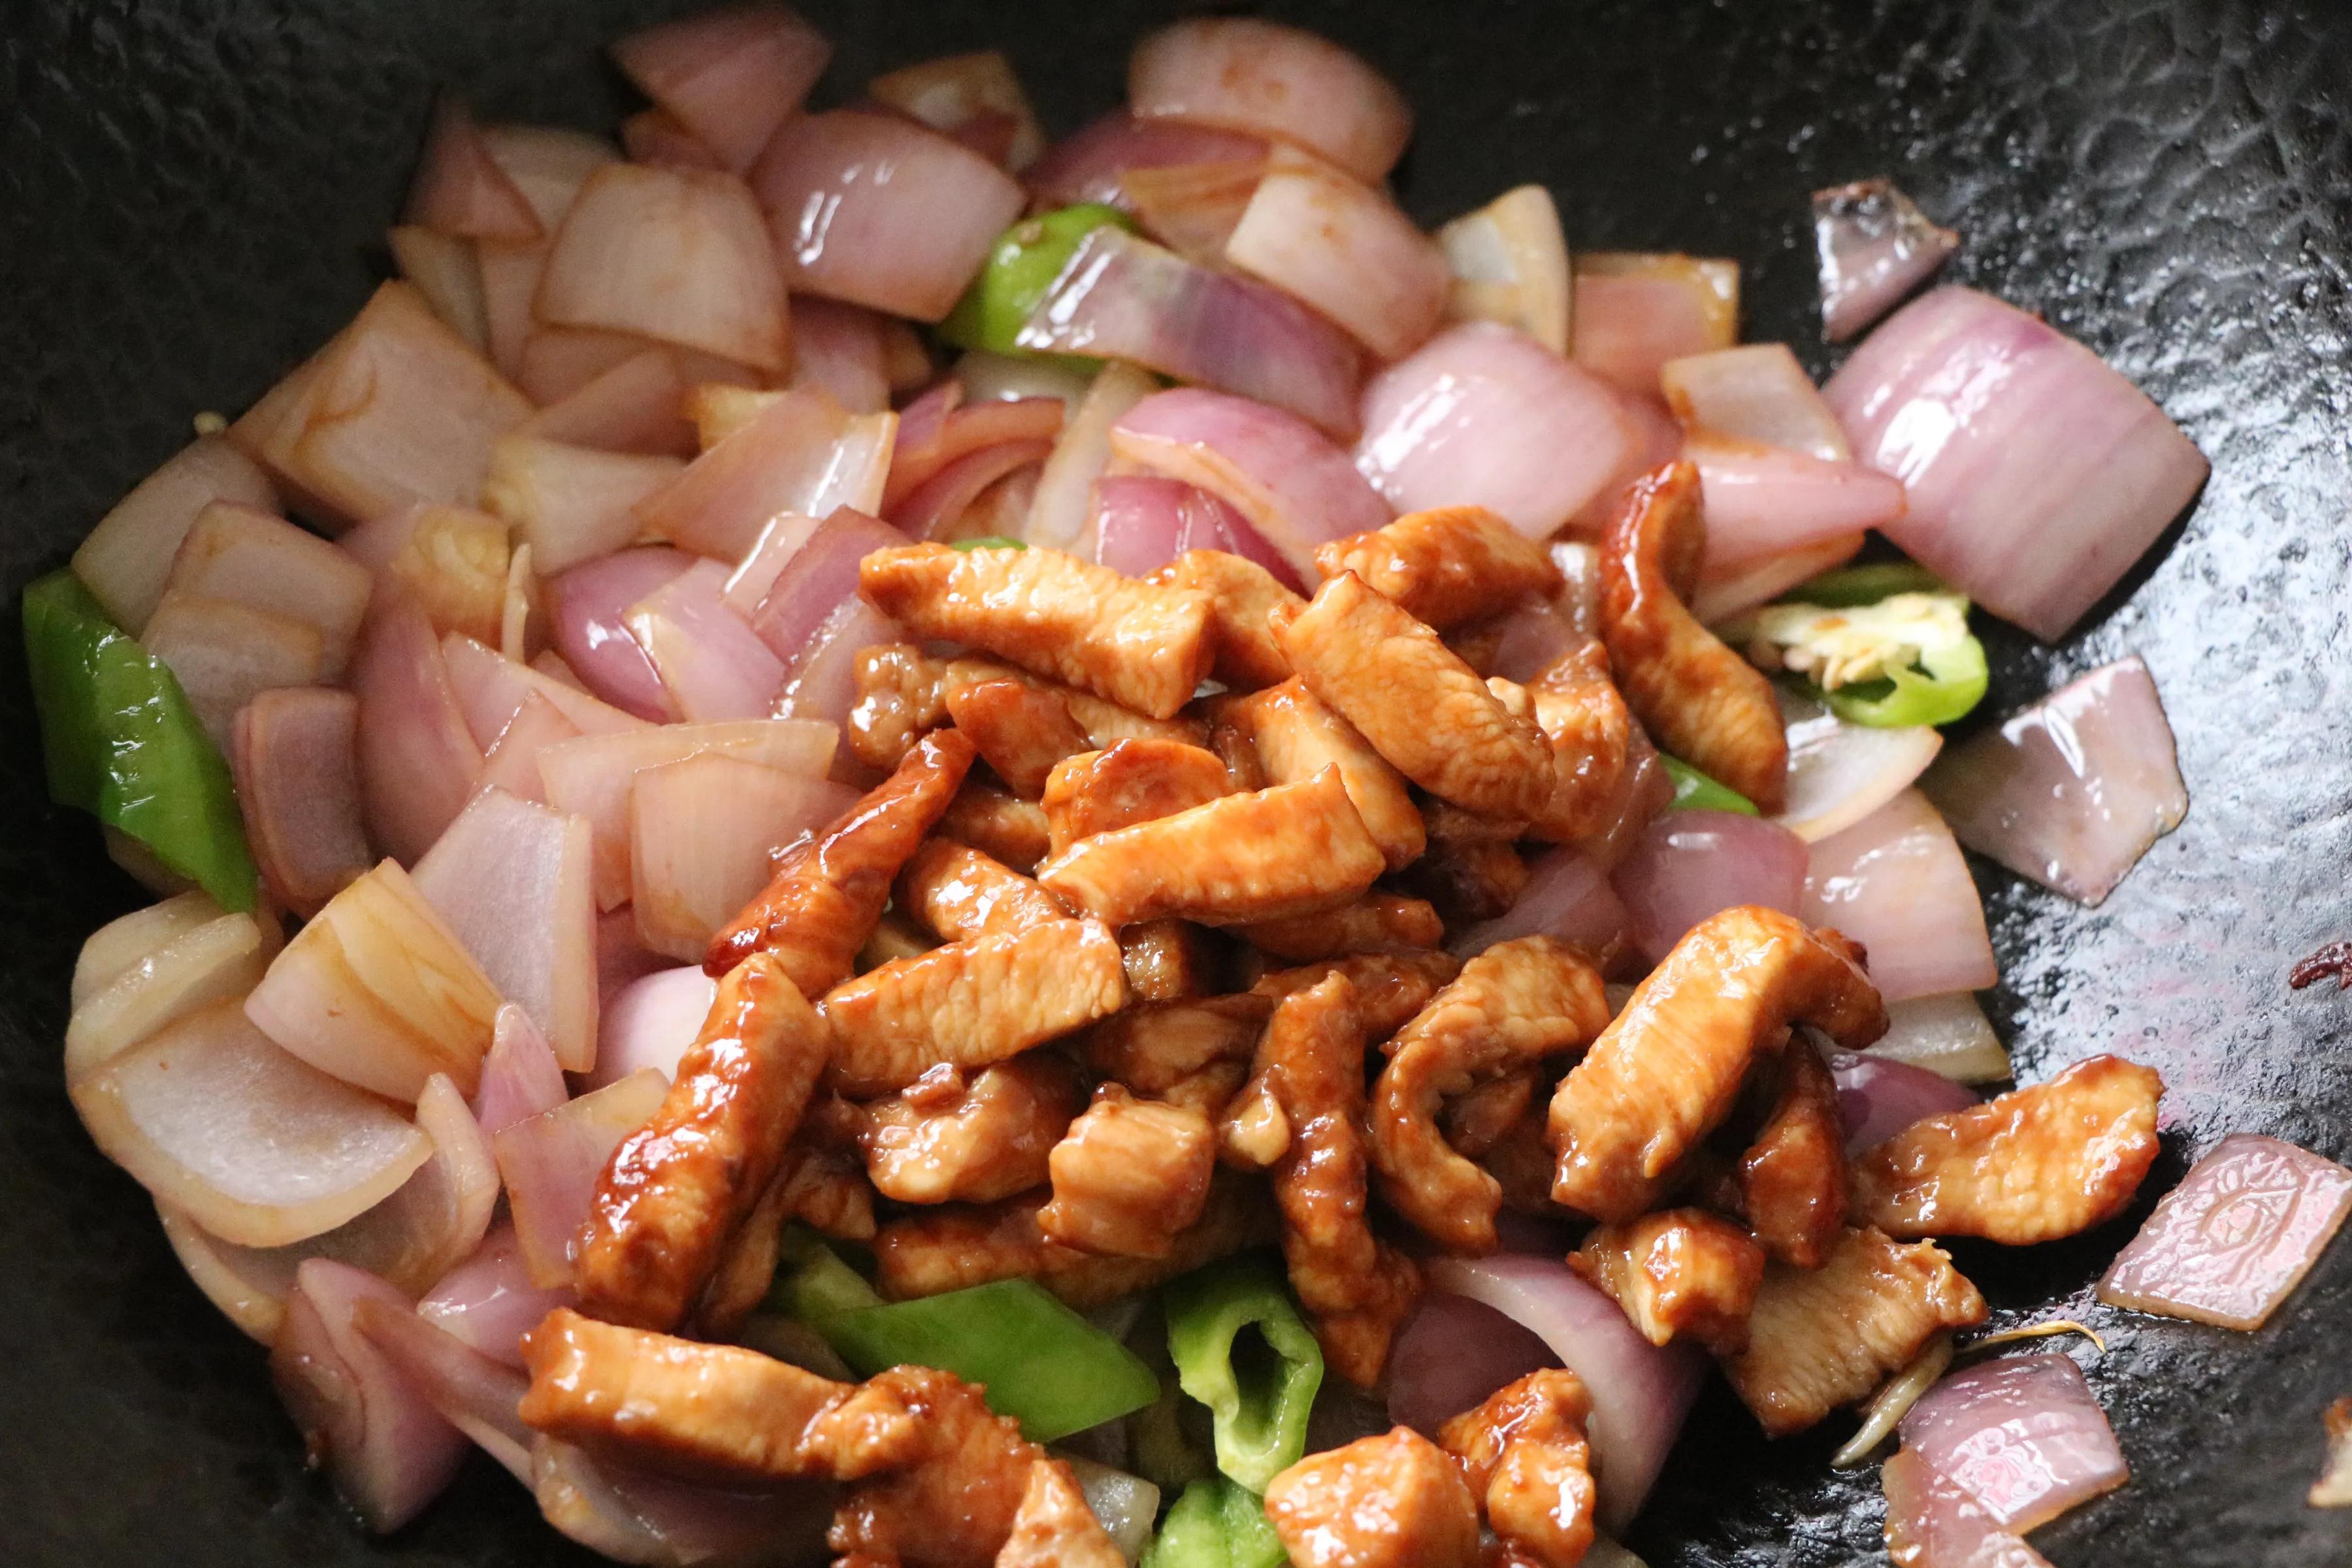 晚餐多吃这道菜,鲜香味美又营养,而且低脂吃不胖,特别下饭! 美食做法 第12张